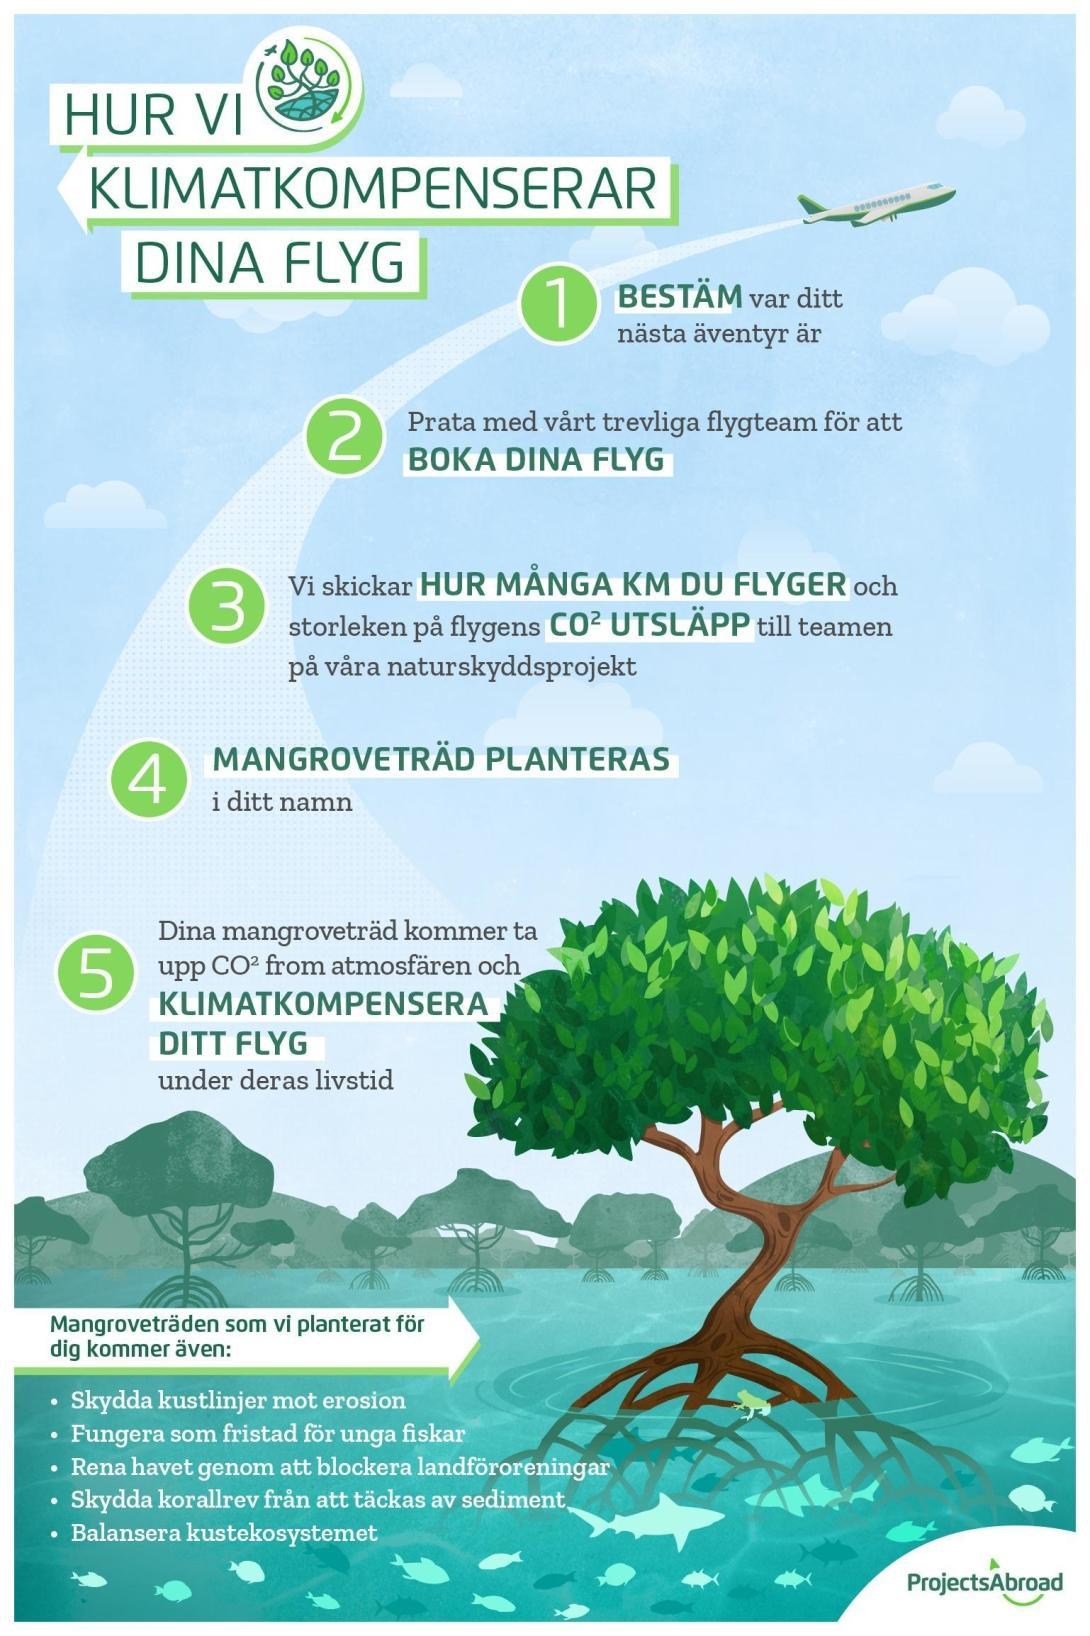 Steg för steg hur vi klimatkompenserar våra resenärers flyg genom att plantera mangroveträd.